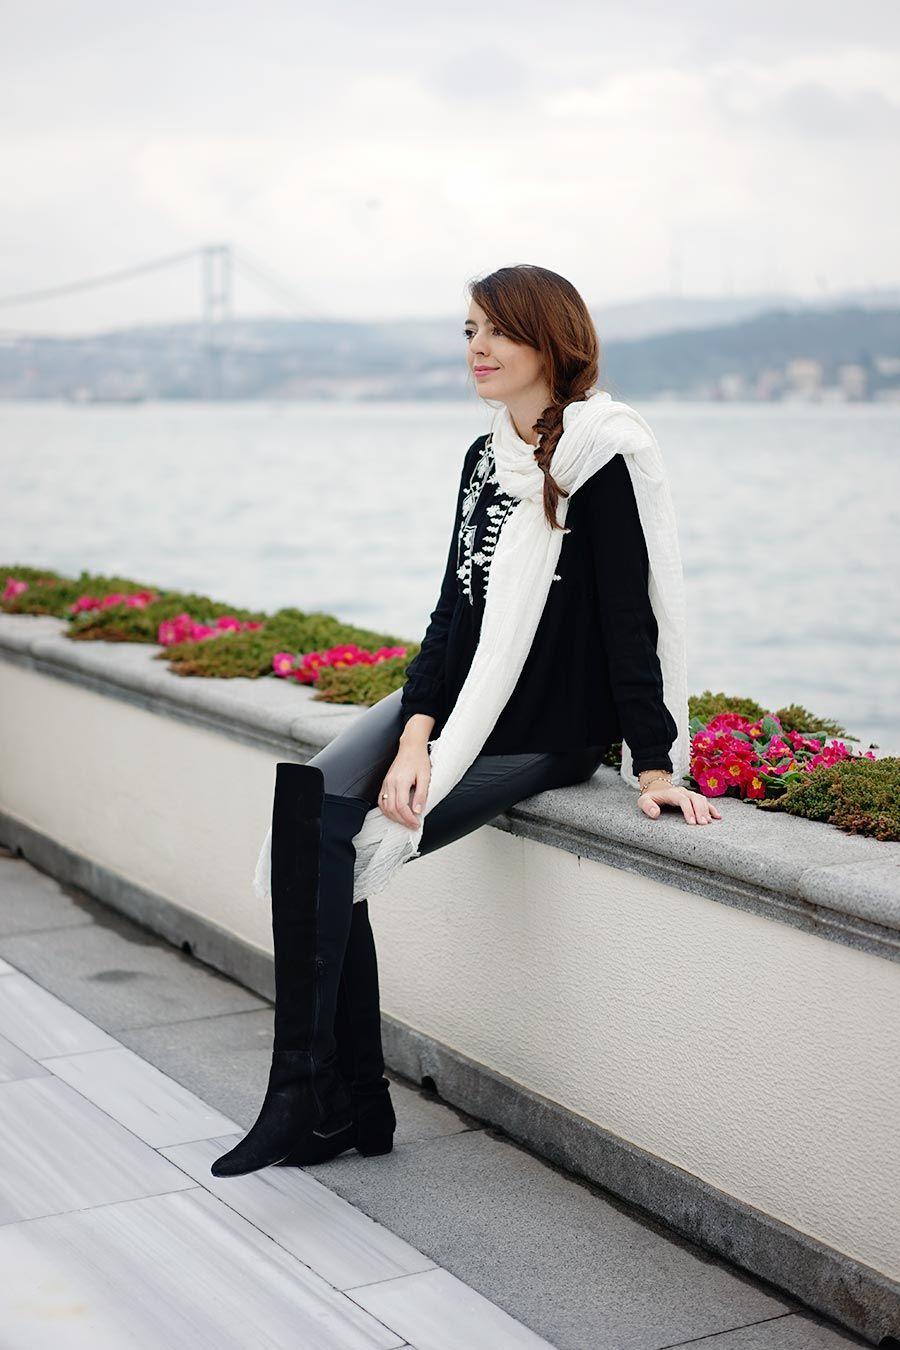 Fotografei um dos looks que usei lá em Istambul pra postar aqui no blog. A gente pegou um clima bem frio e cinzento pela cidade então por baixo dessa roupa tinha outras peças tipo meia-calça de lã e blusa térmica. A echarpe no pescoço já serviria pra colocar na cabeça caso a gente fosse visitar mais alguma mesquita. O cenário lindo é oHotel Four Seasons emBosphorus, que foi onde ficamos hospedados. Istambul é a única cidade que está parte na Europa e parte na Ásia e é justamente o canal…